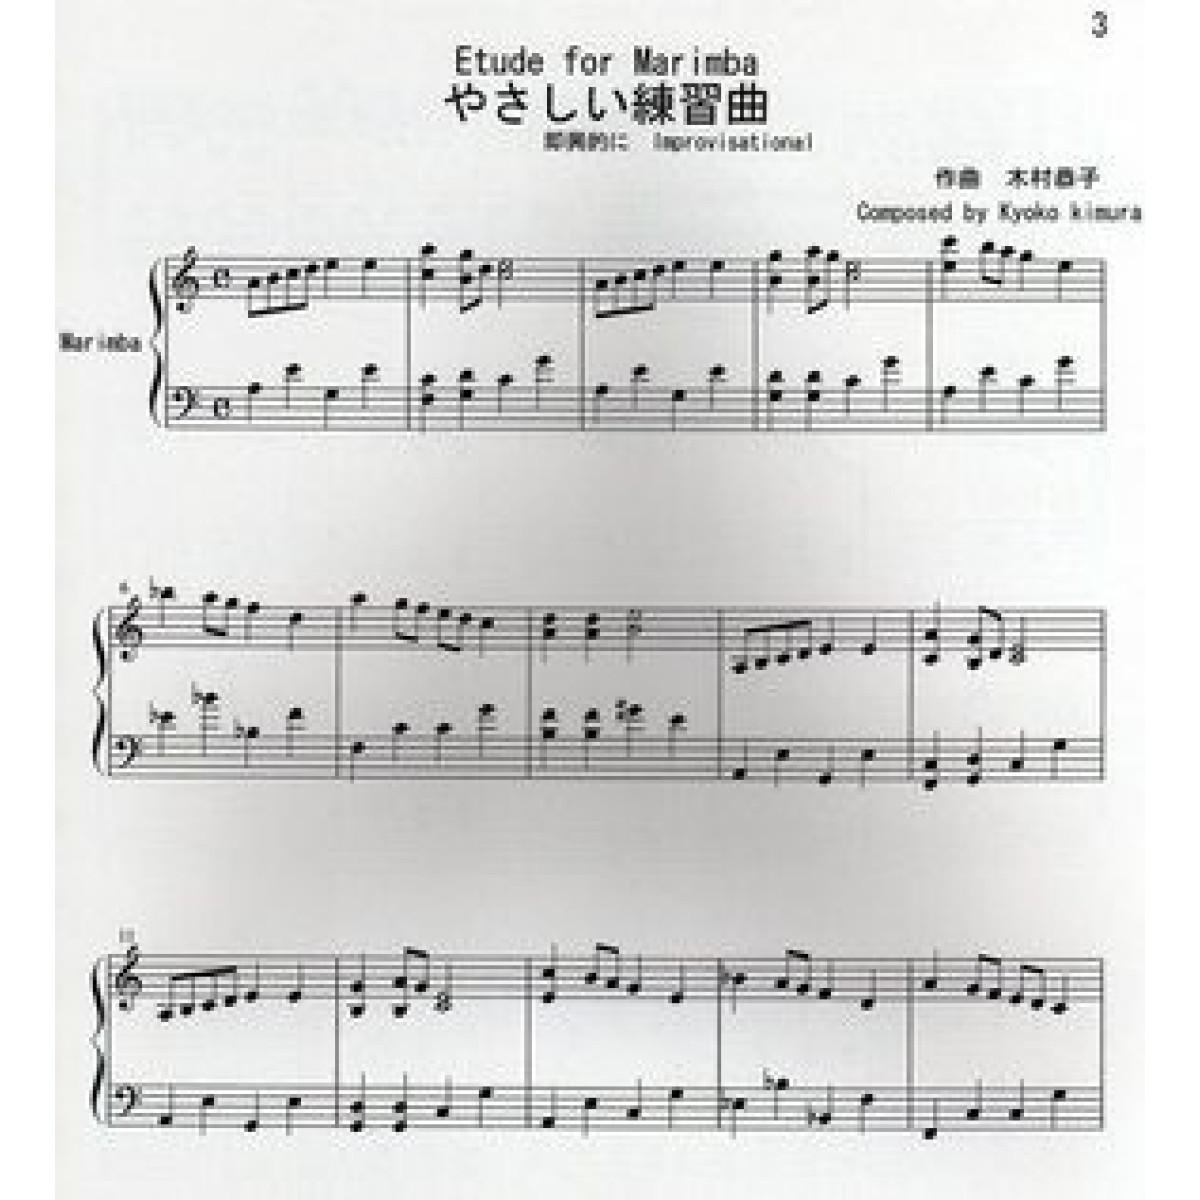 Works For Marimba - Imporovisational